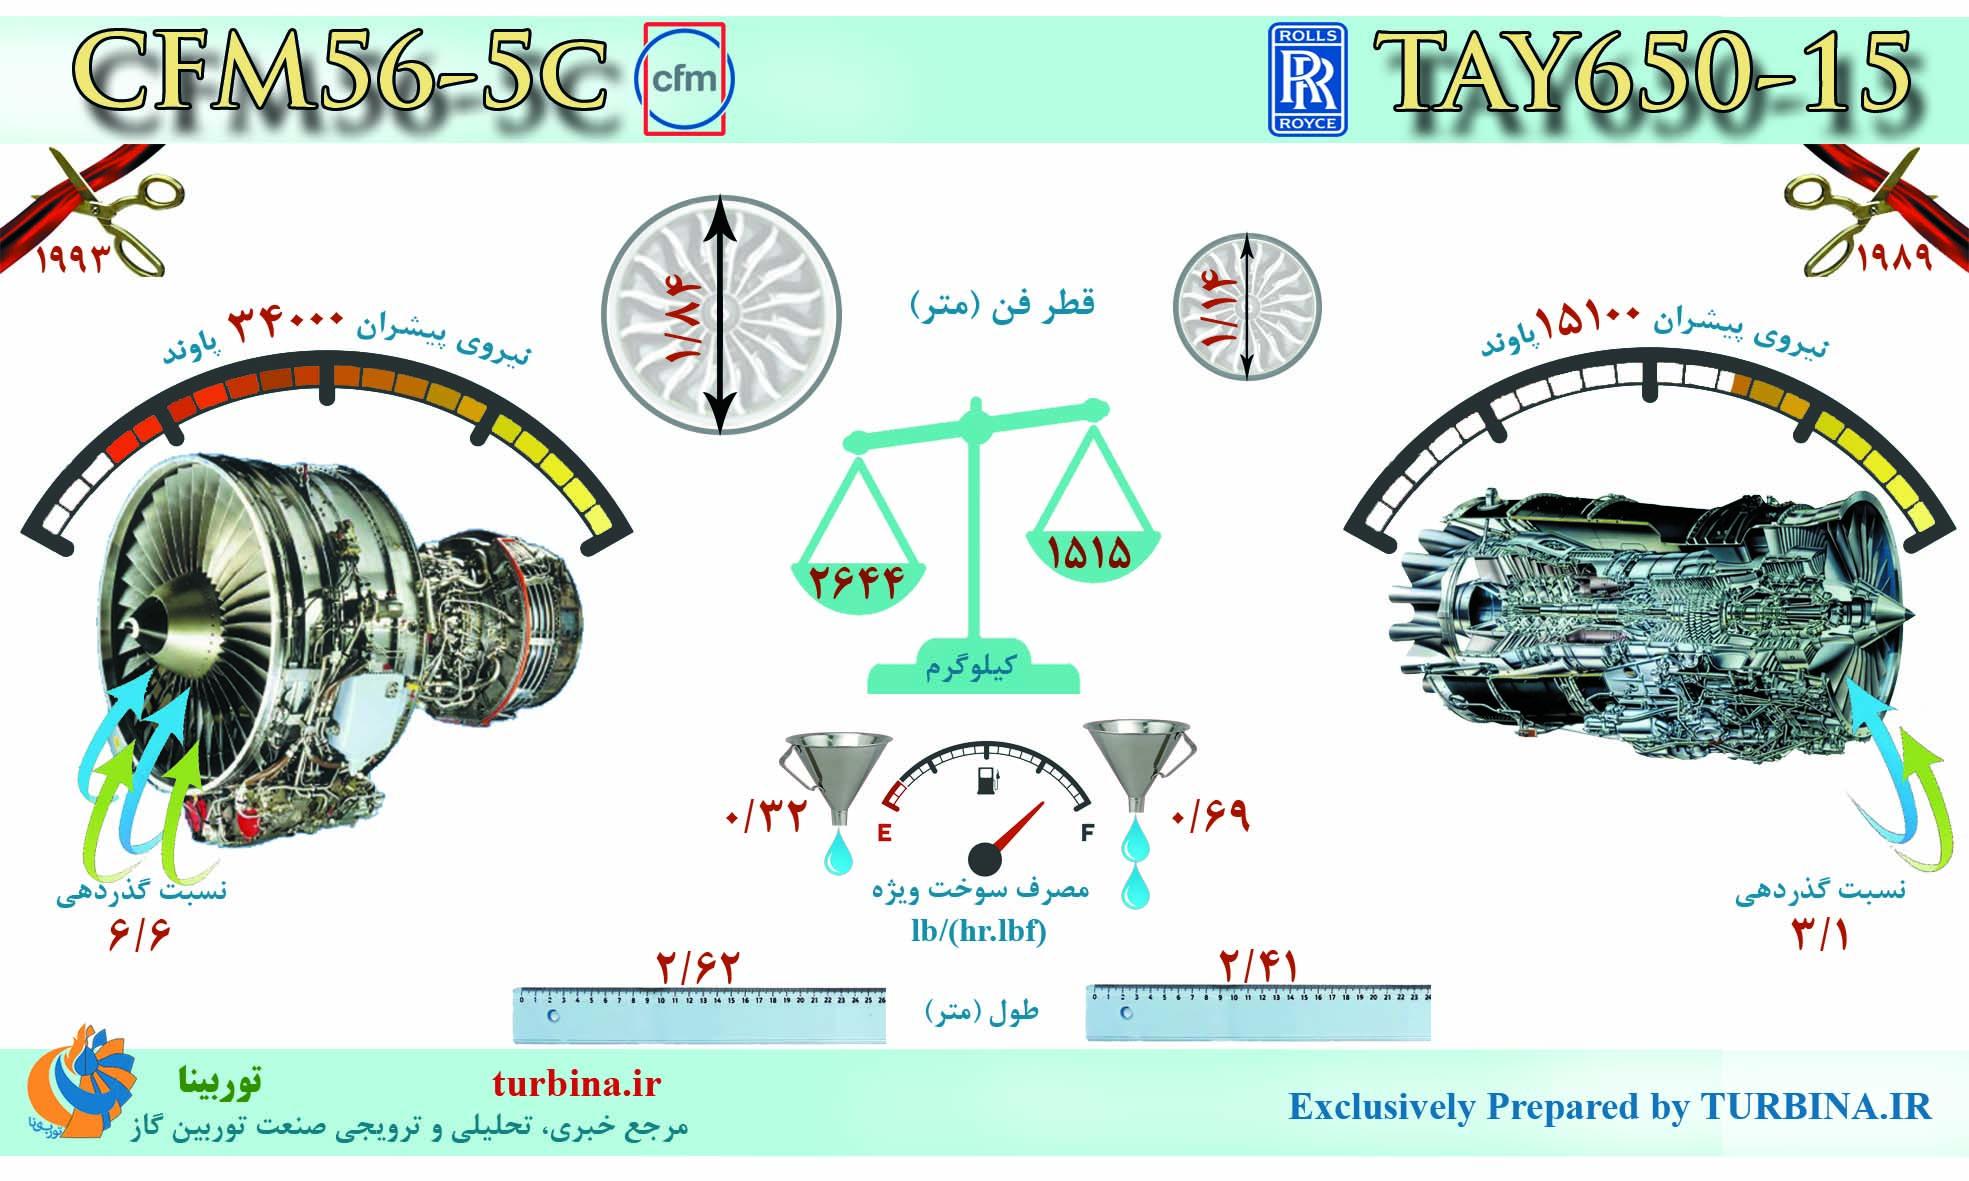 مقایسه موتورهای CFM56-5C و TAY650-15